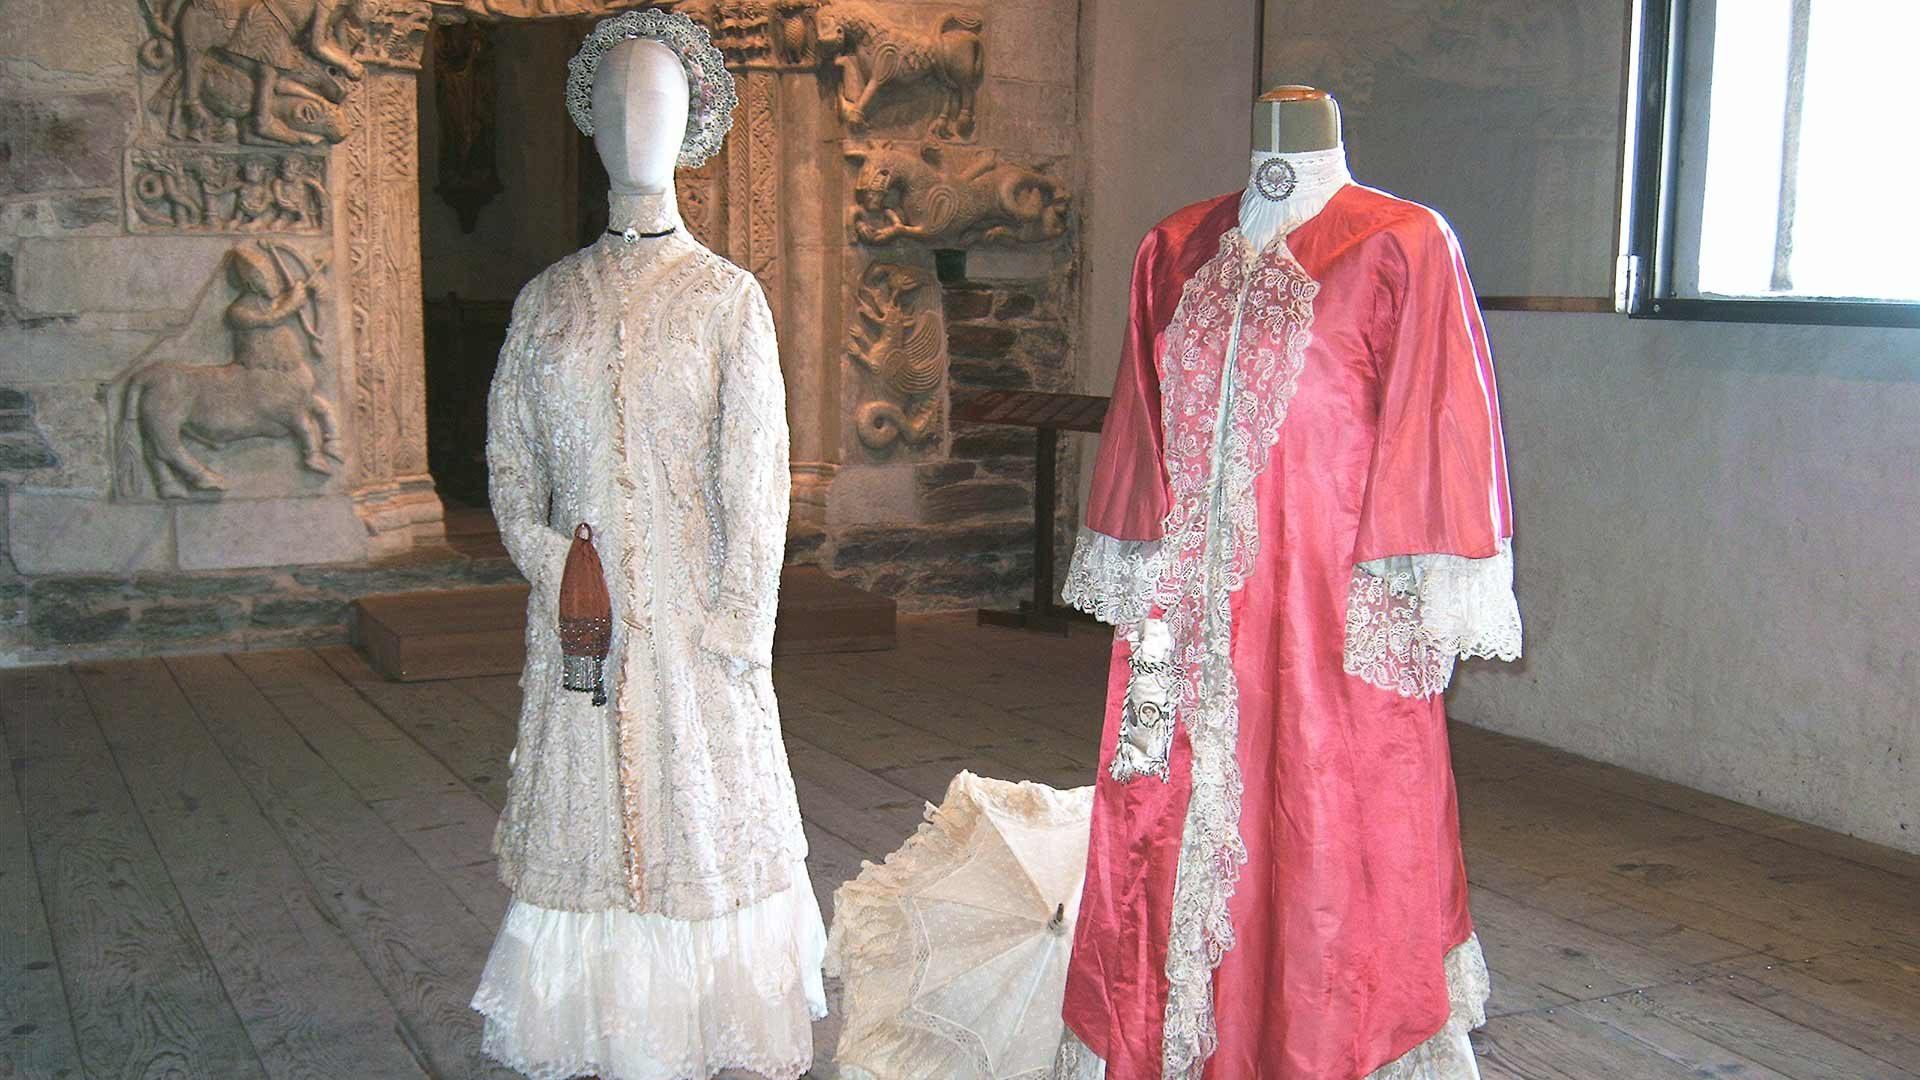 Il Museo delle Donne a Merano